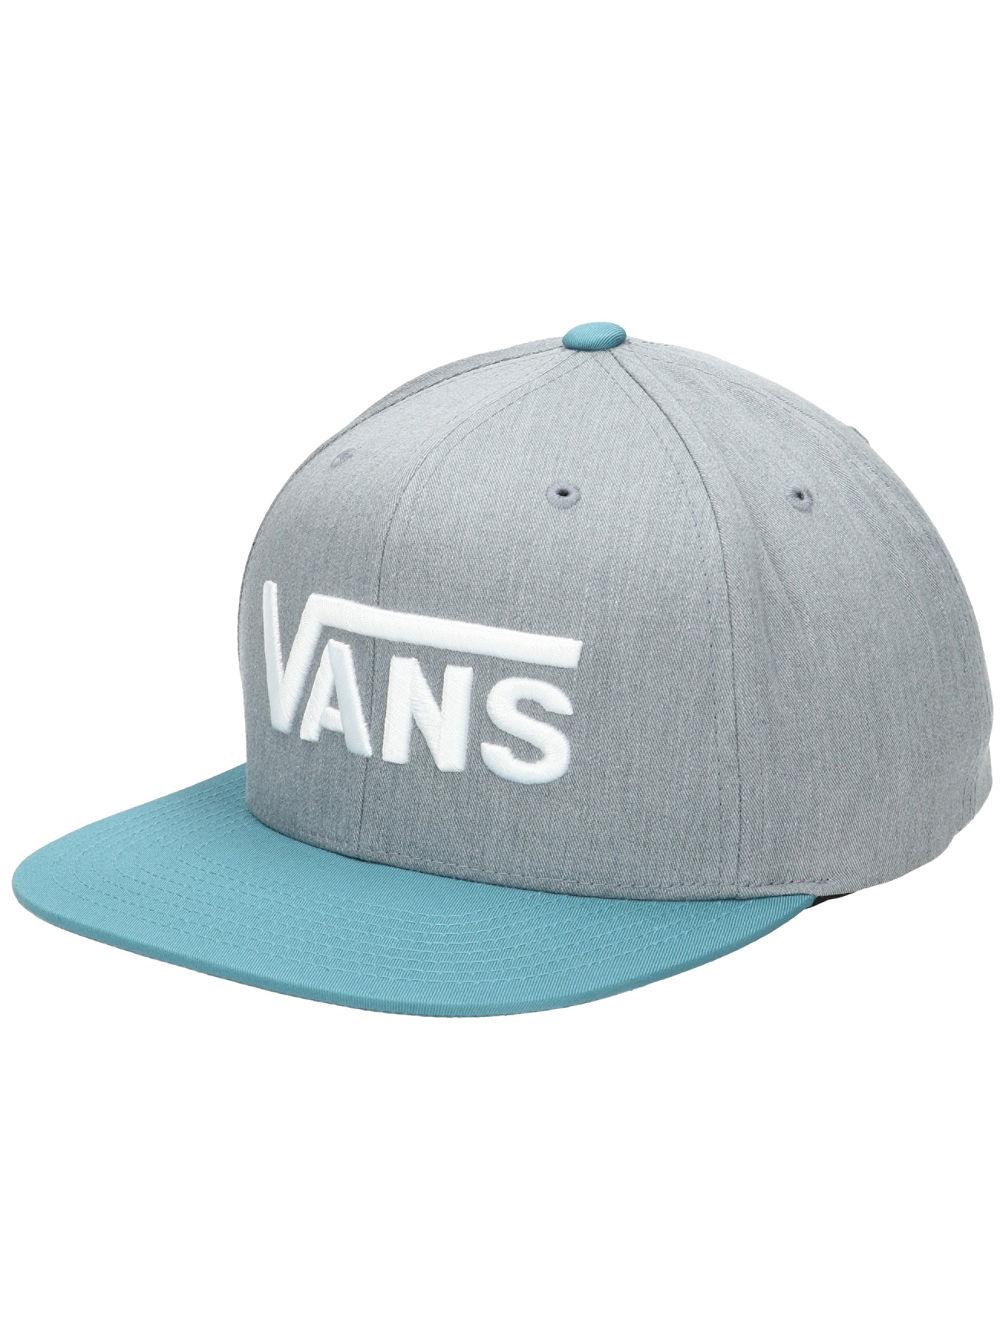 Compra Vans Drop V Snapback Gorra en línea en blue-tomato.com 0e0f46ba74a